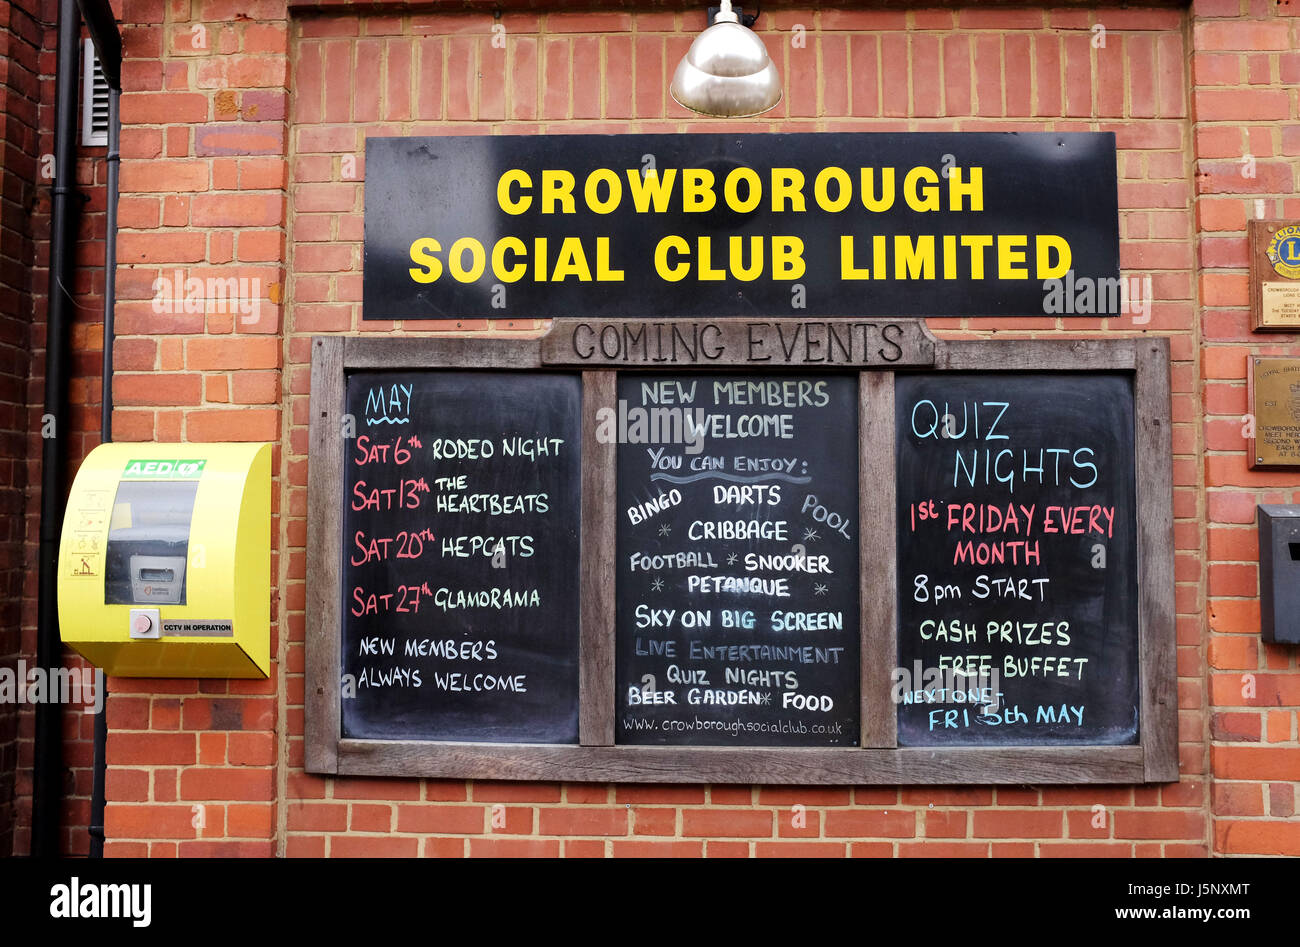 Crowborough East Sussex Regno Unito - Pubblico defibrillatore sul muro da Crowborough Social Club bacheca Immagini Stock